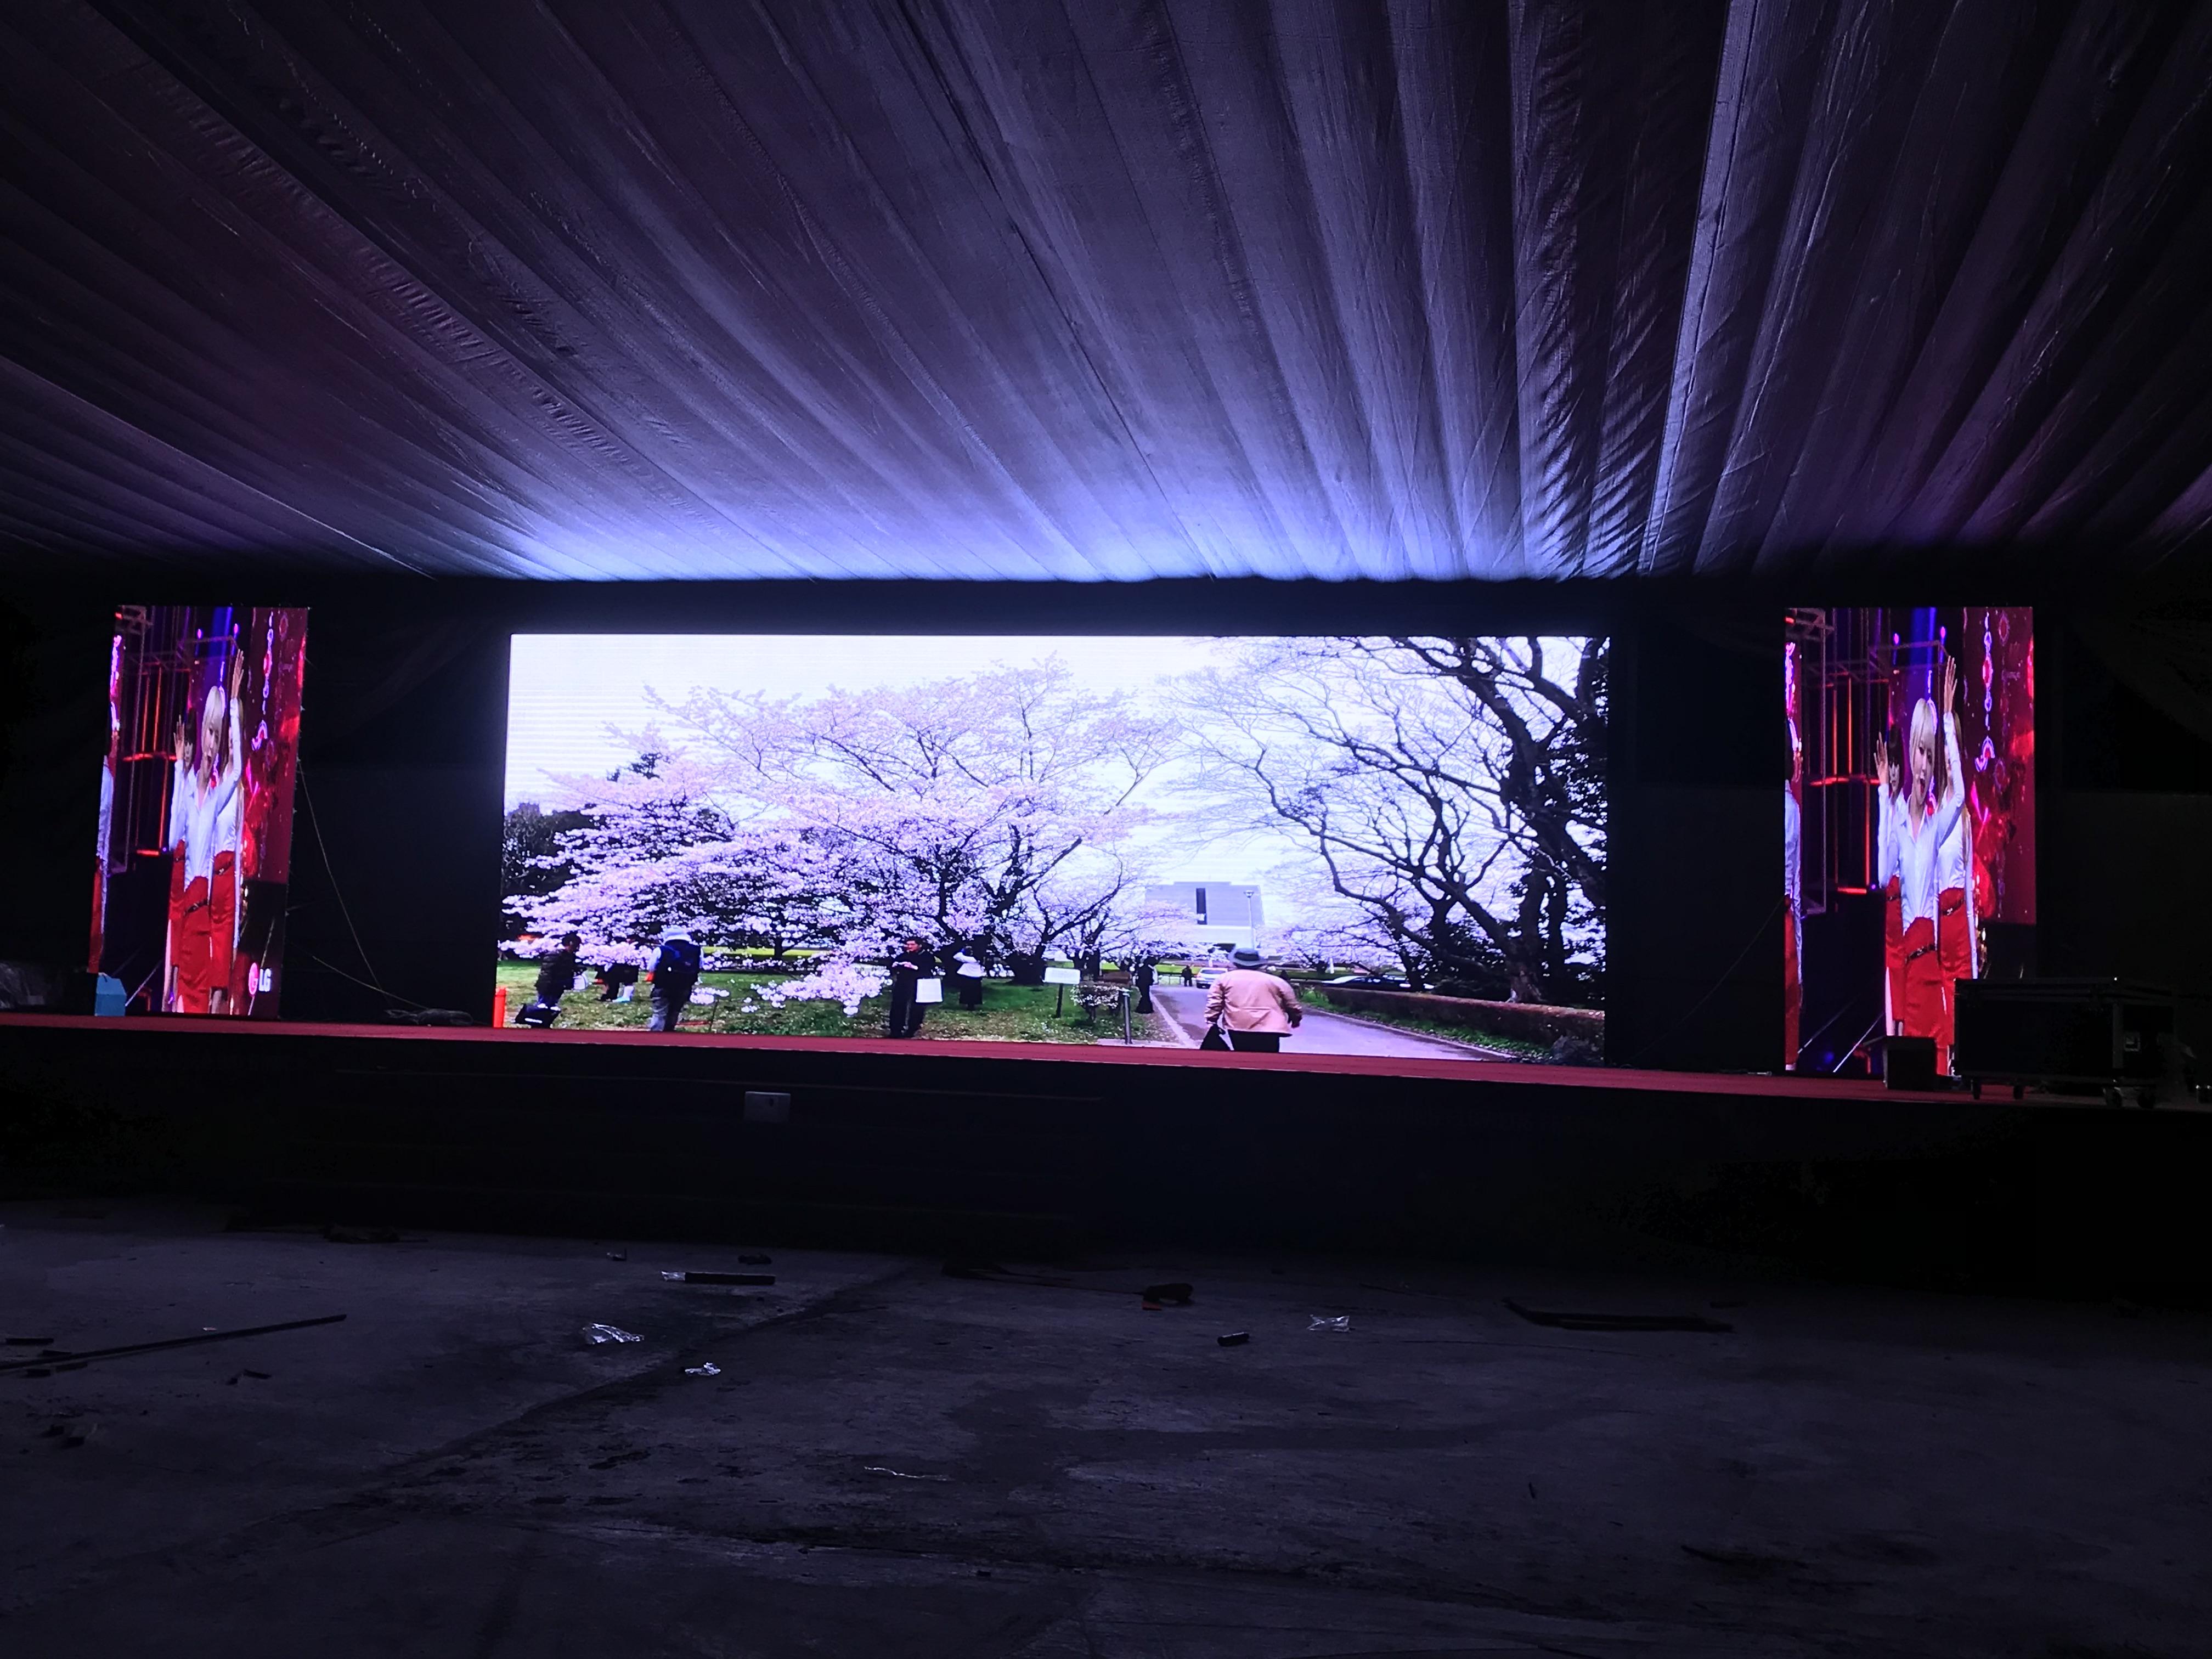 Thi công màn hình led P4.81 outdoor (3)